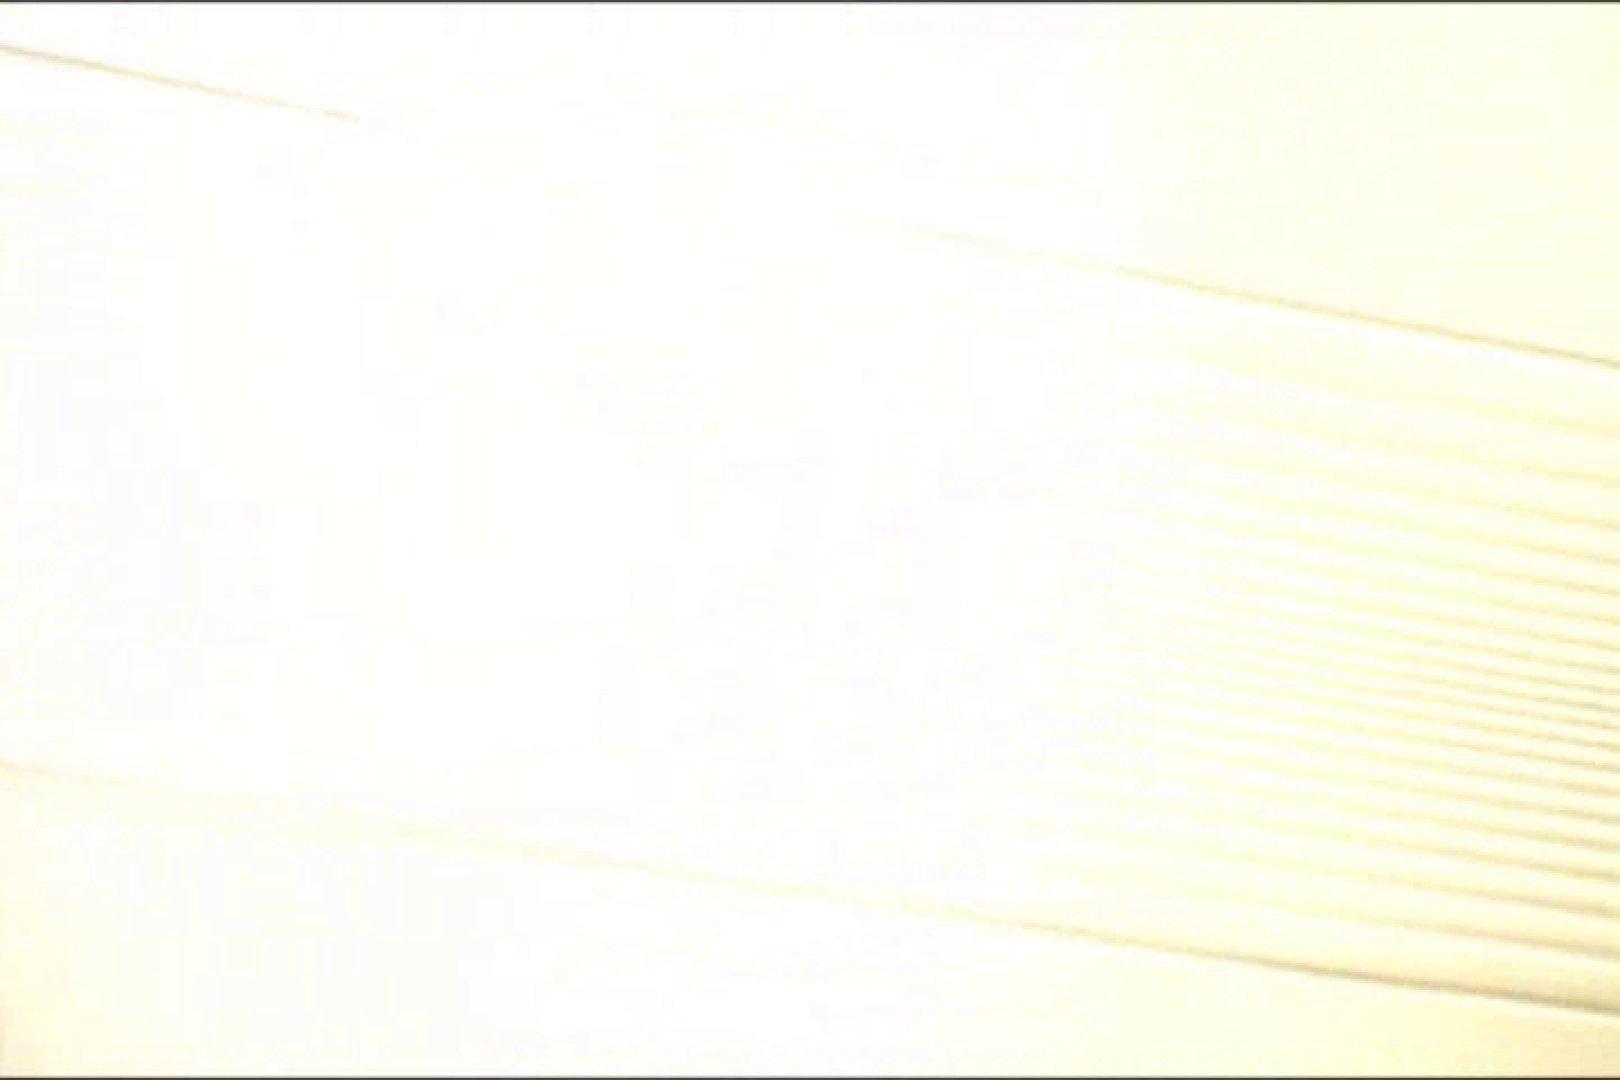 マンコ丸見え女子洗面所Vol.1 おまんこ丸見え 盗撮AV動画キャプチャ 107連発 17